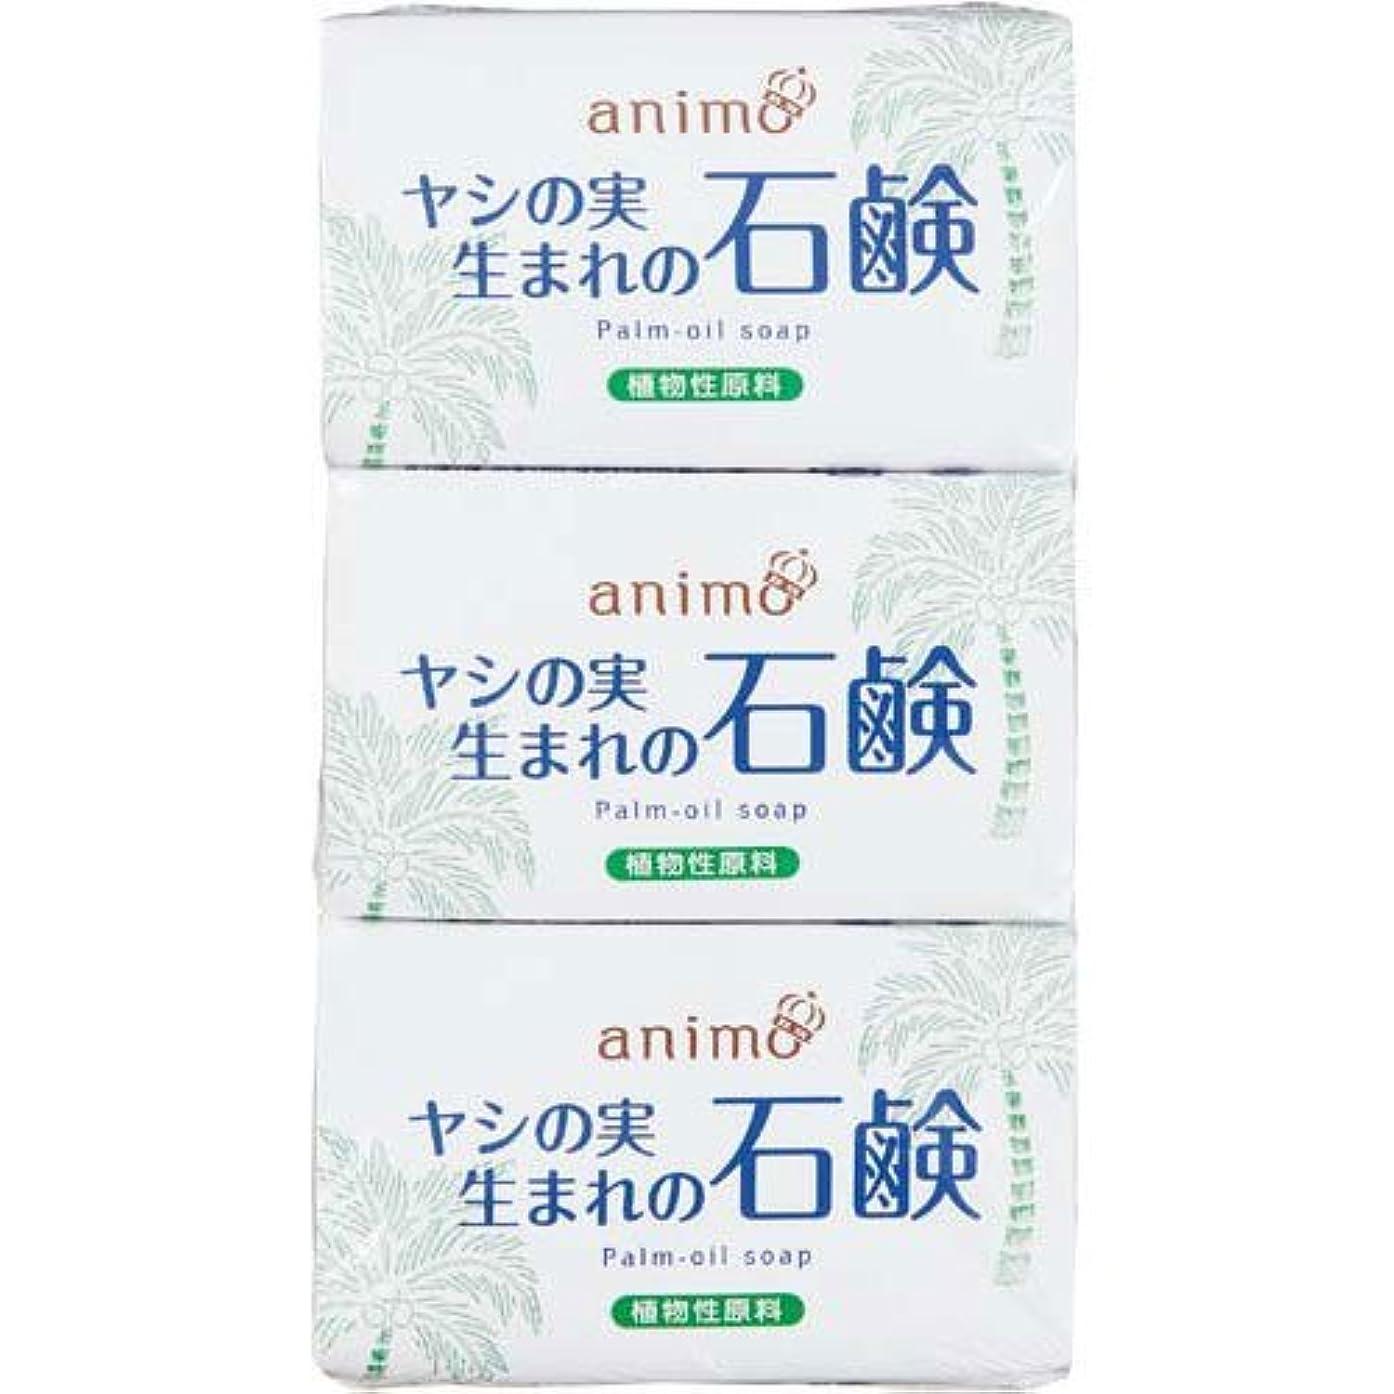 紫のフォロー最小化するロケット石鹸 ヤシの実石鹸 80g×3個×5パック